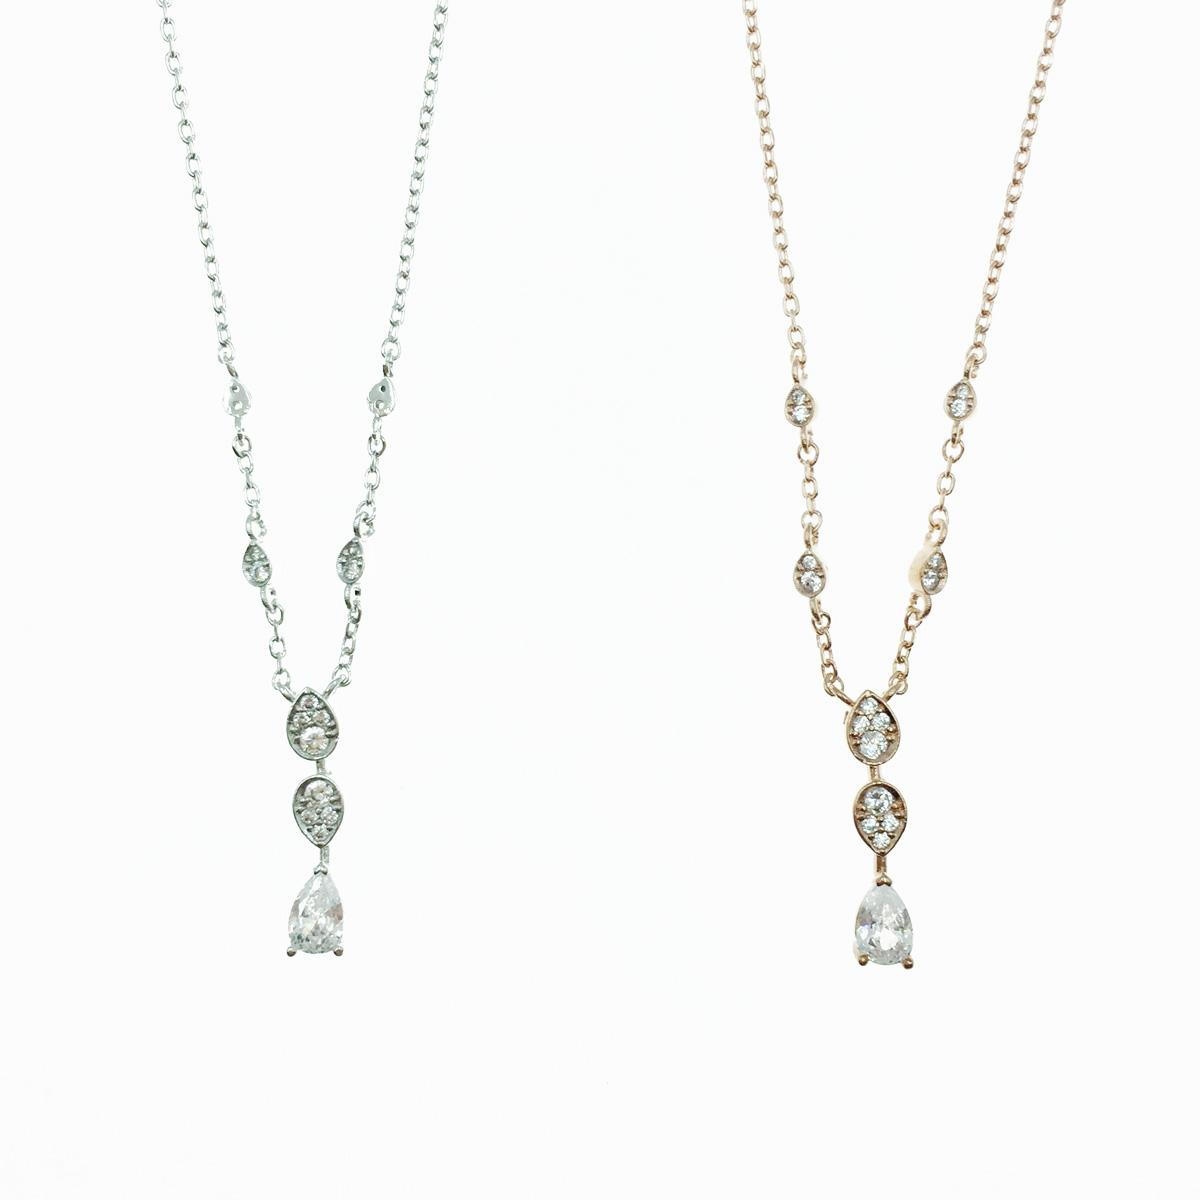 韓國 水滴水鑽 銀 玫瑰金 明星款飾品 項鍊